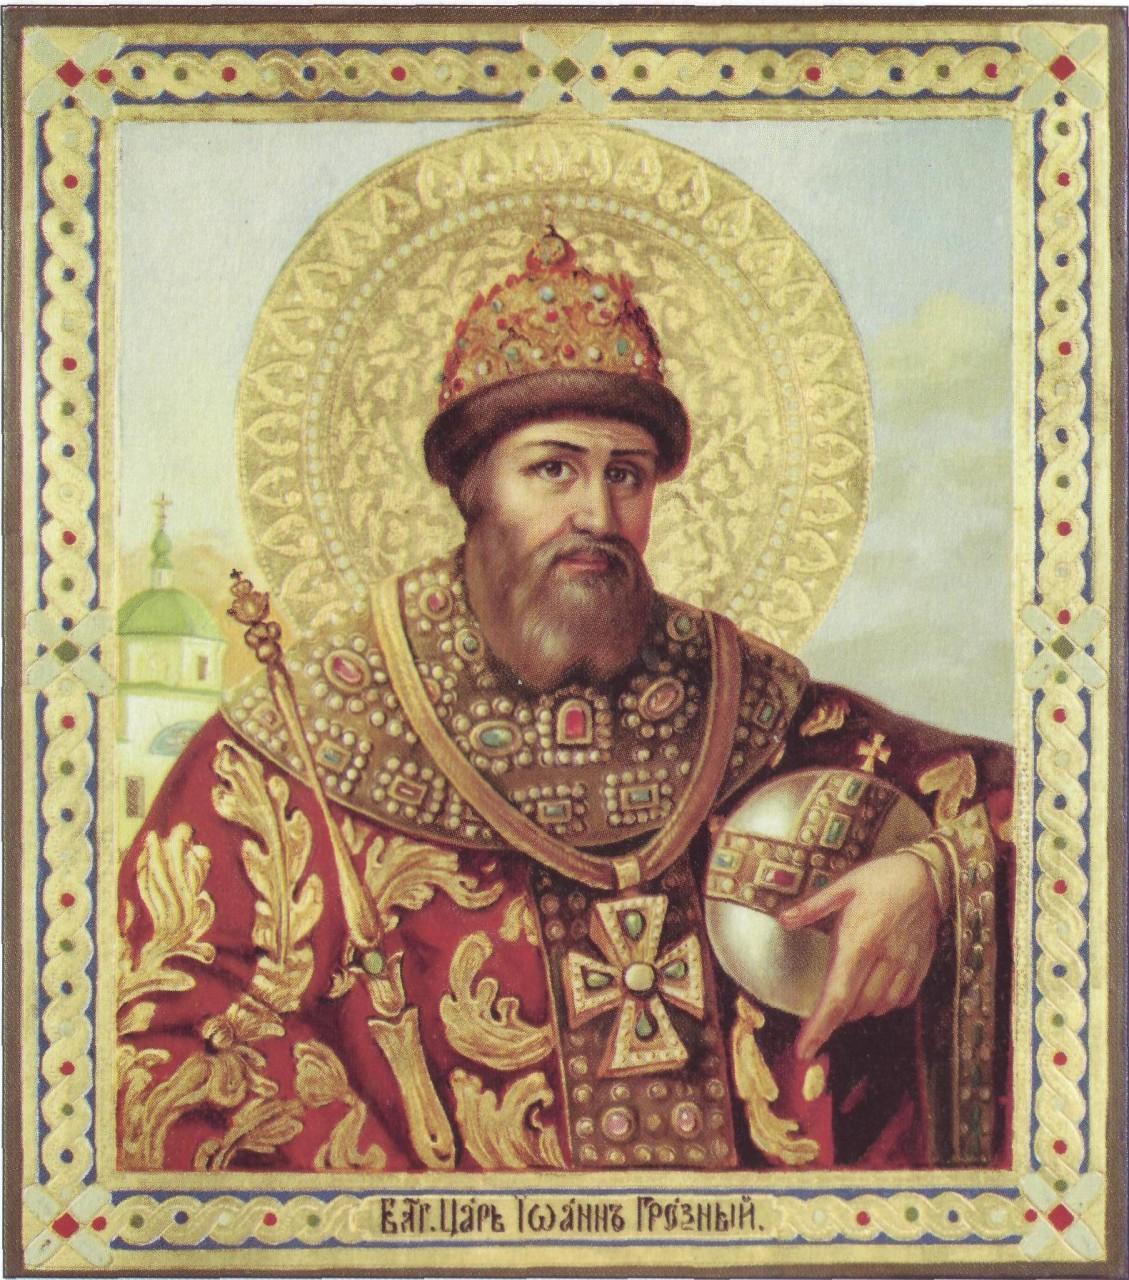 Иван IV Васильевич Грозный